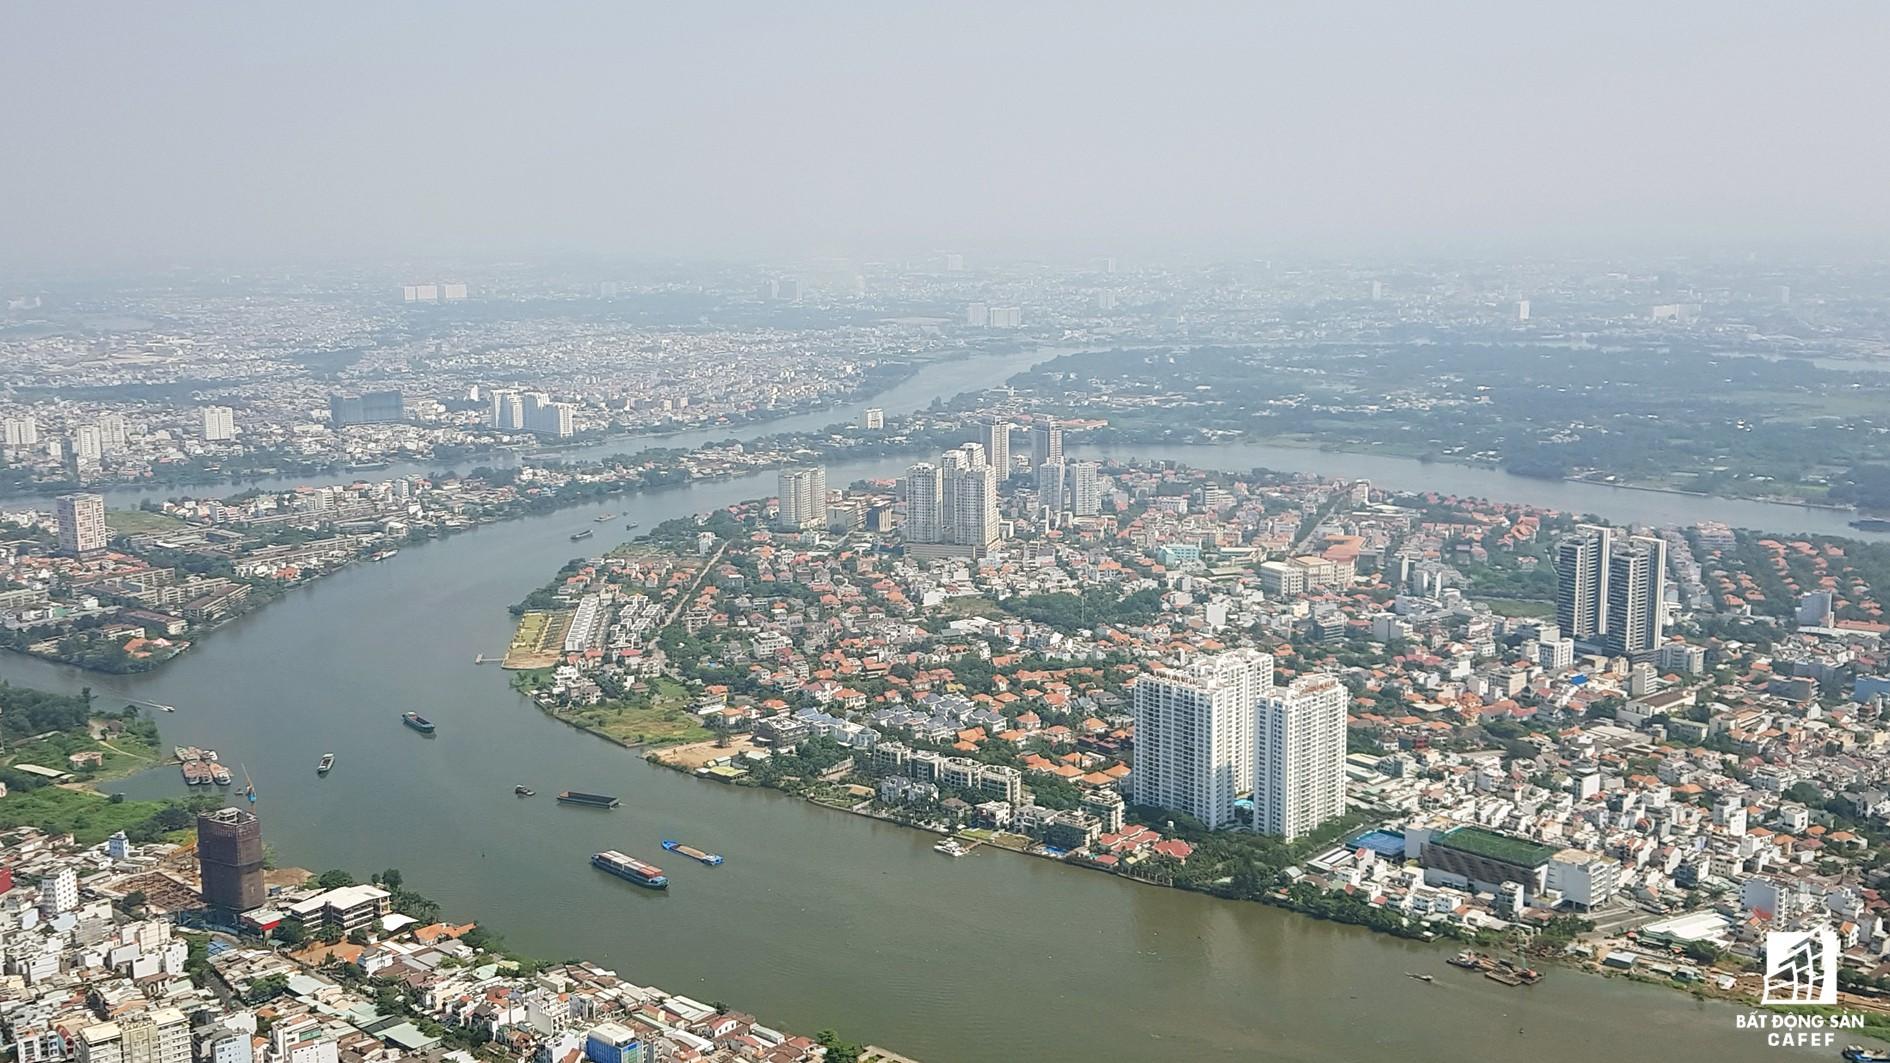 Toàn cảnh đô thị trung tâm Sài Gòn nhìn từ đỉnh tòa nhà cao nhất Việt Nam - Ảnh 10.